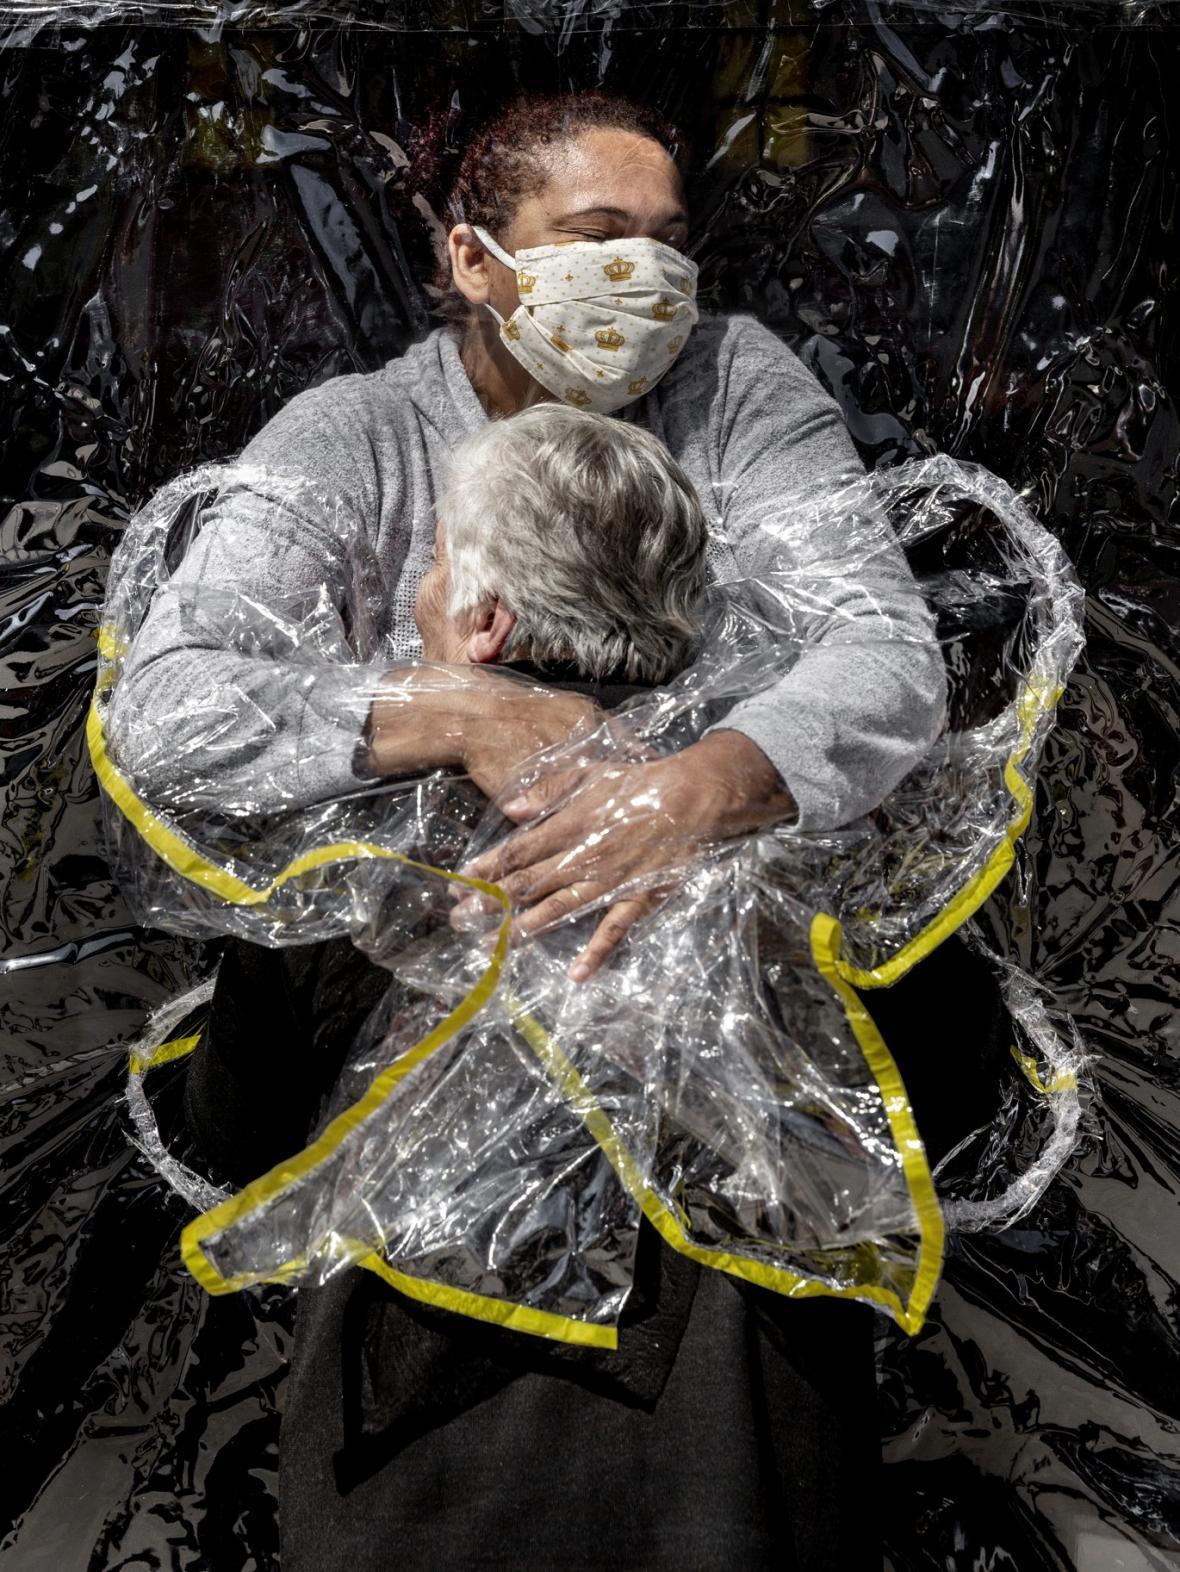 Nominace World Press Photo 2021 v kategorii Fotografie roku a Fotografický soubor roku